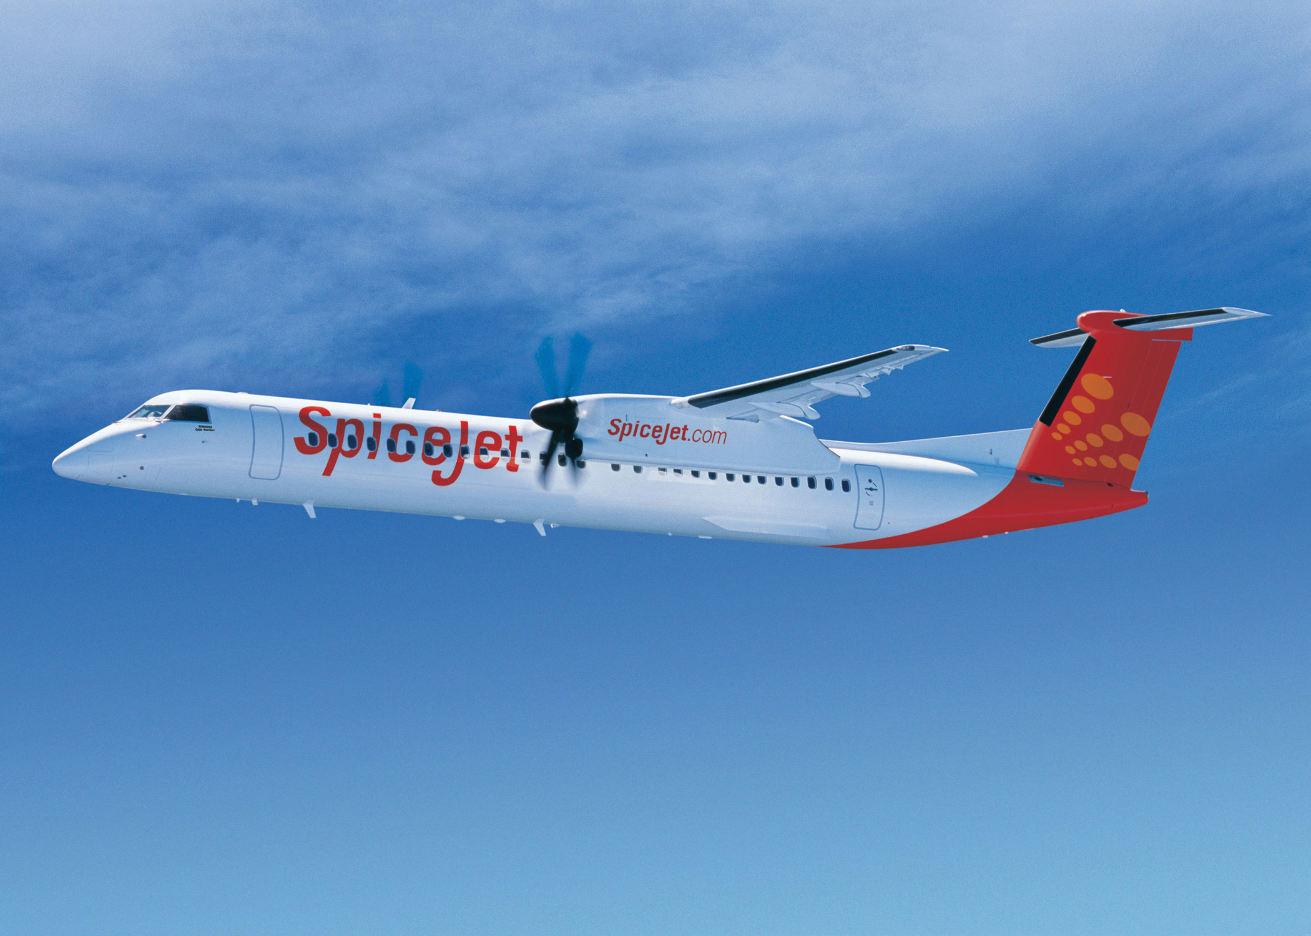 SpiceJet réceptionne son premier Bombardier Q400 à 90 sièges